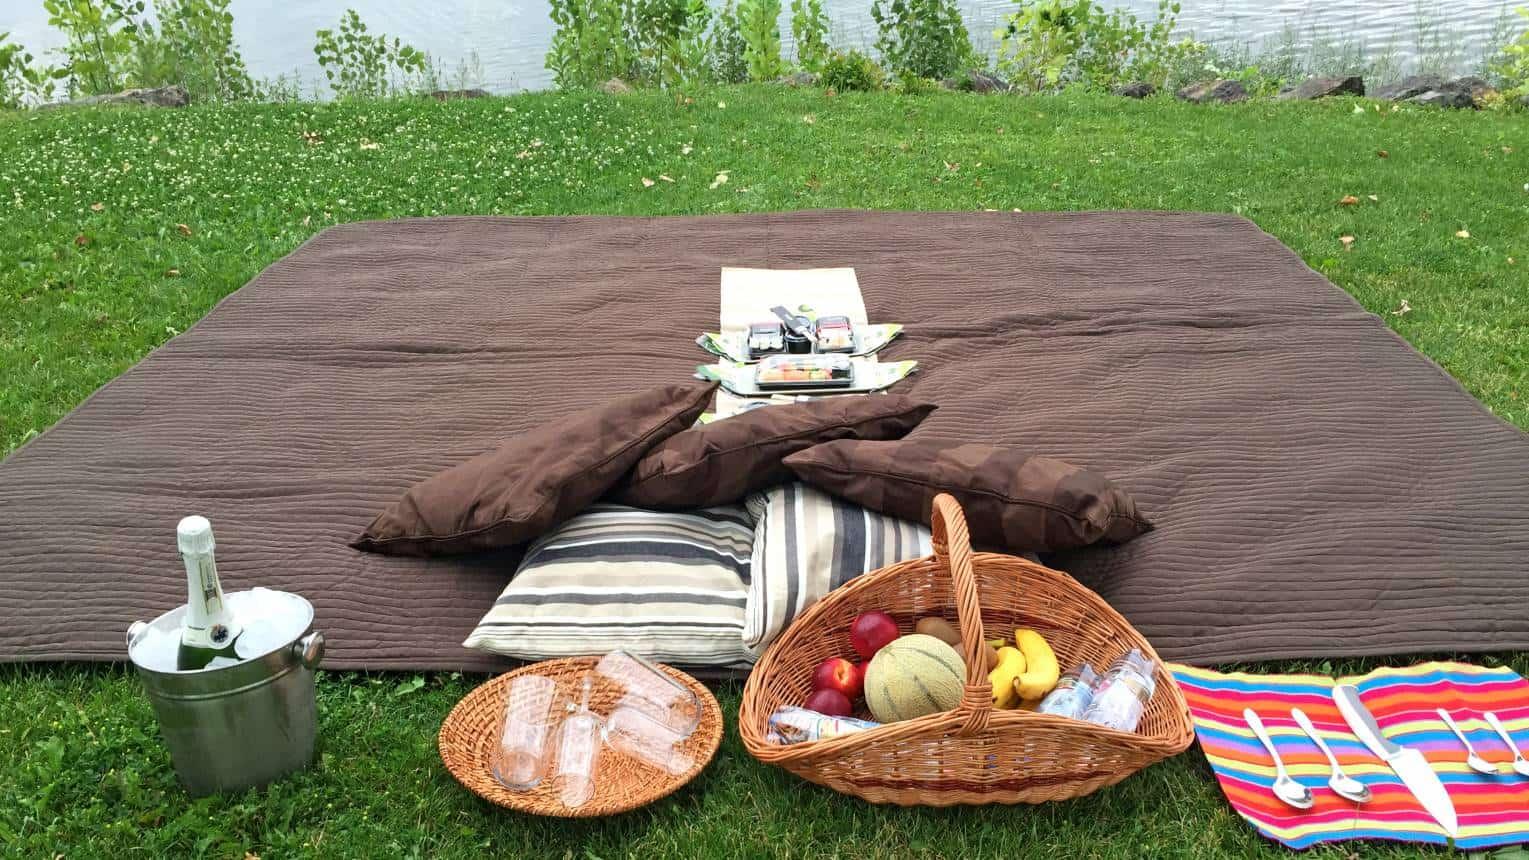 Páros romantikus hajókázás piknikkel